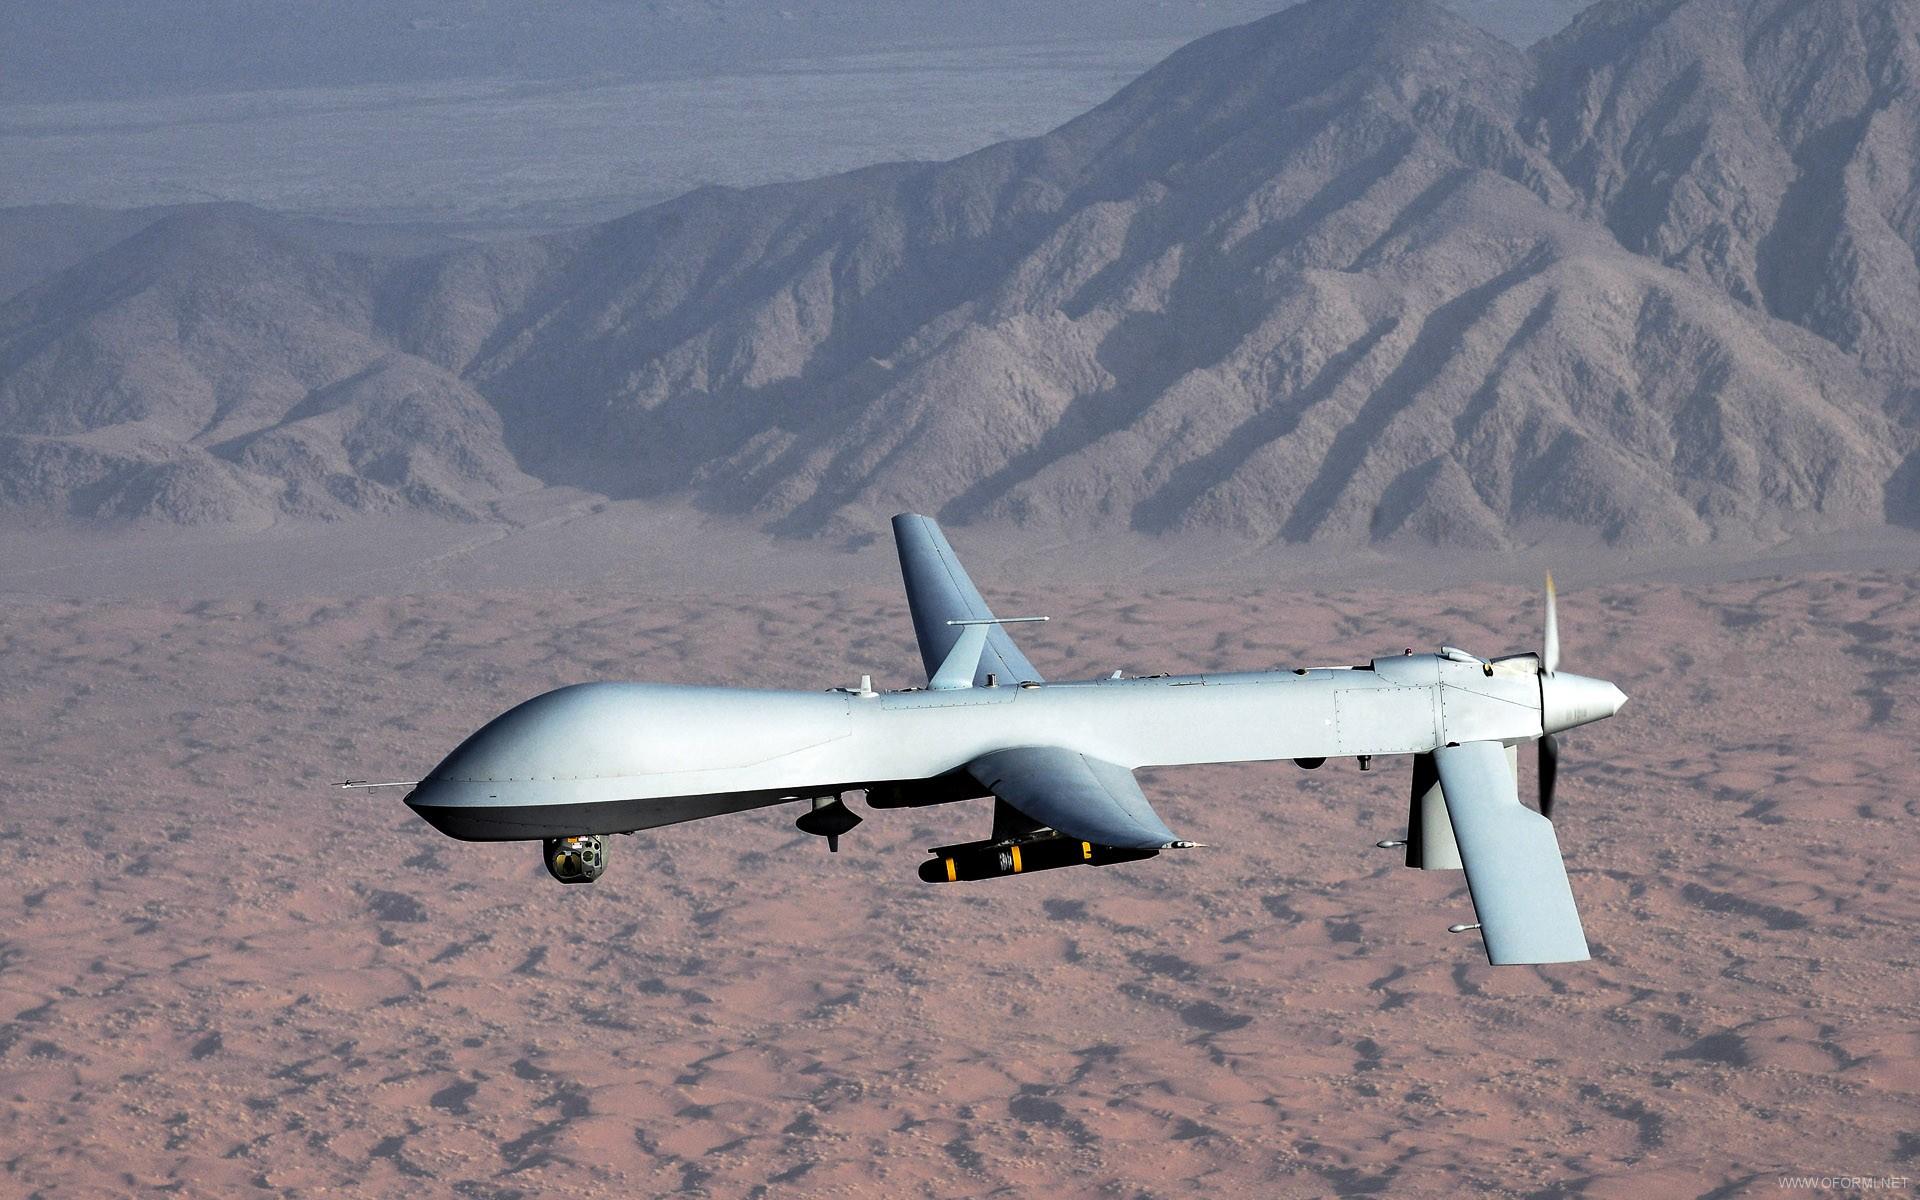 Йеменские мятежники заявили, что сбили беспилотник производства США